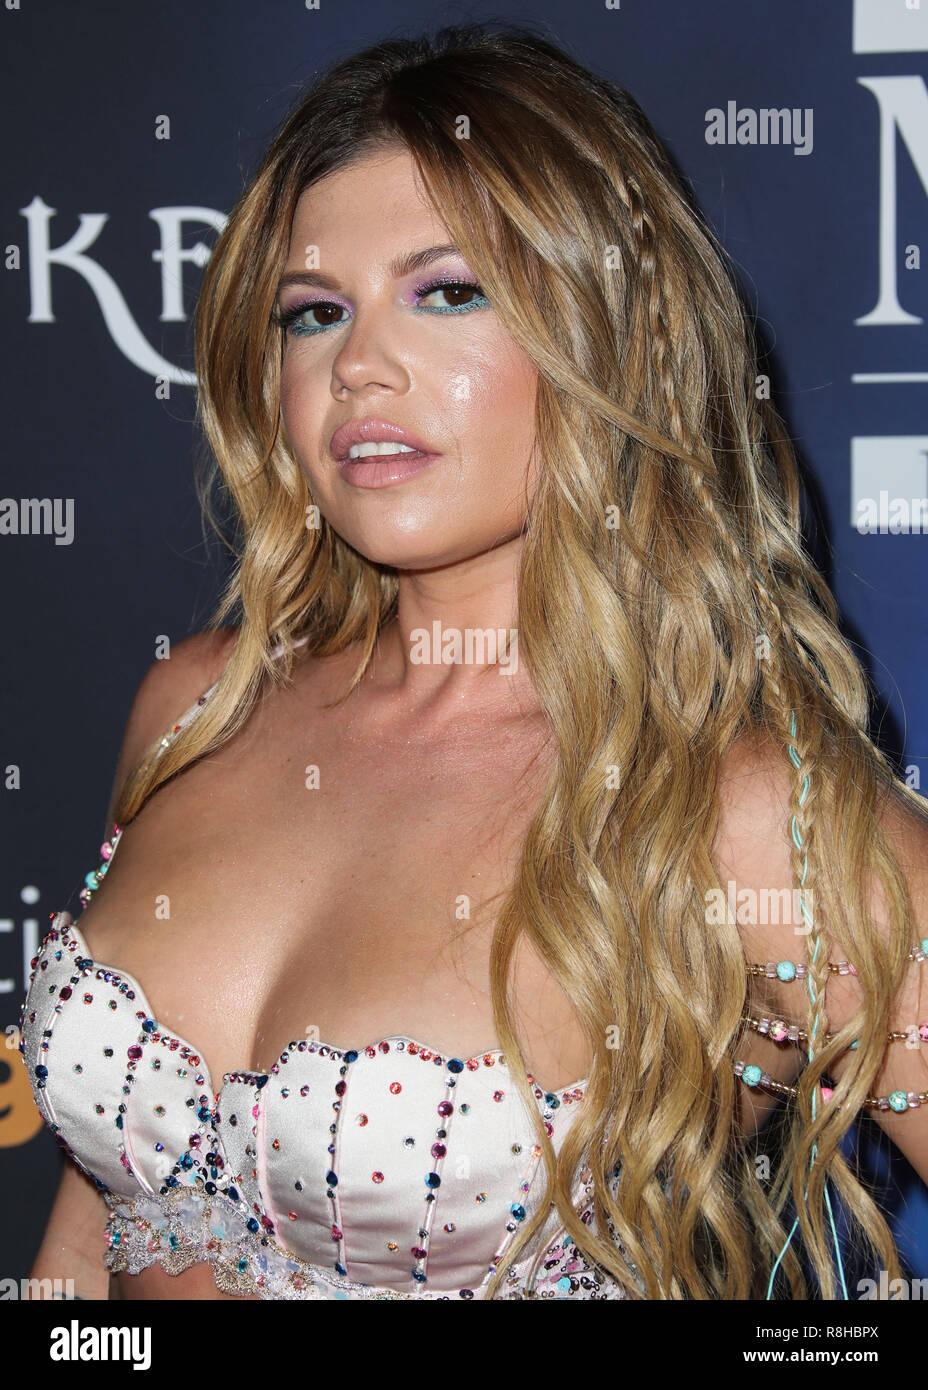 Marsha Lord Nude Photos